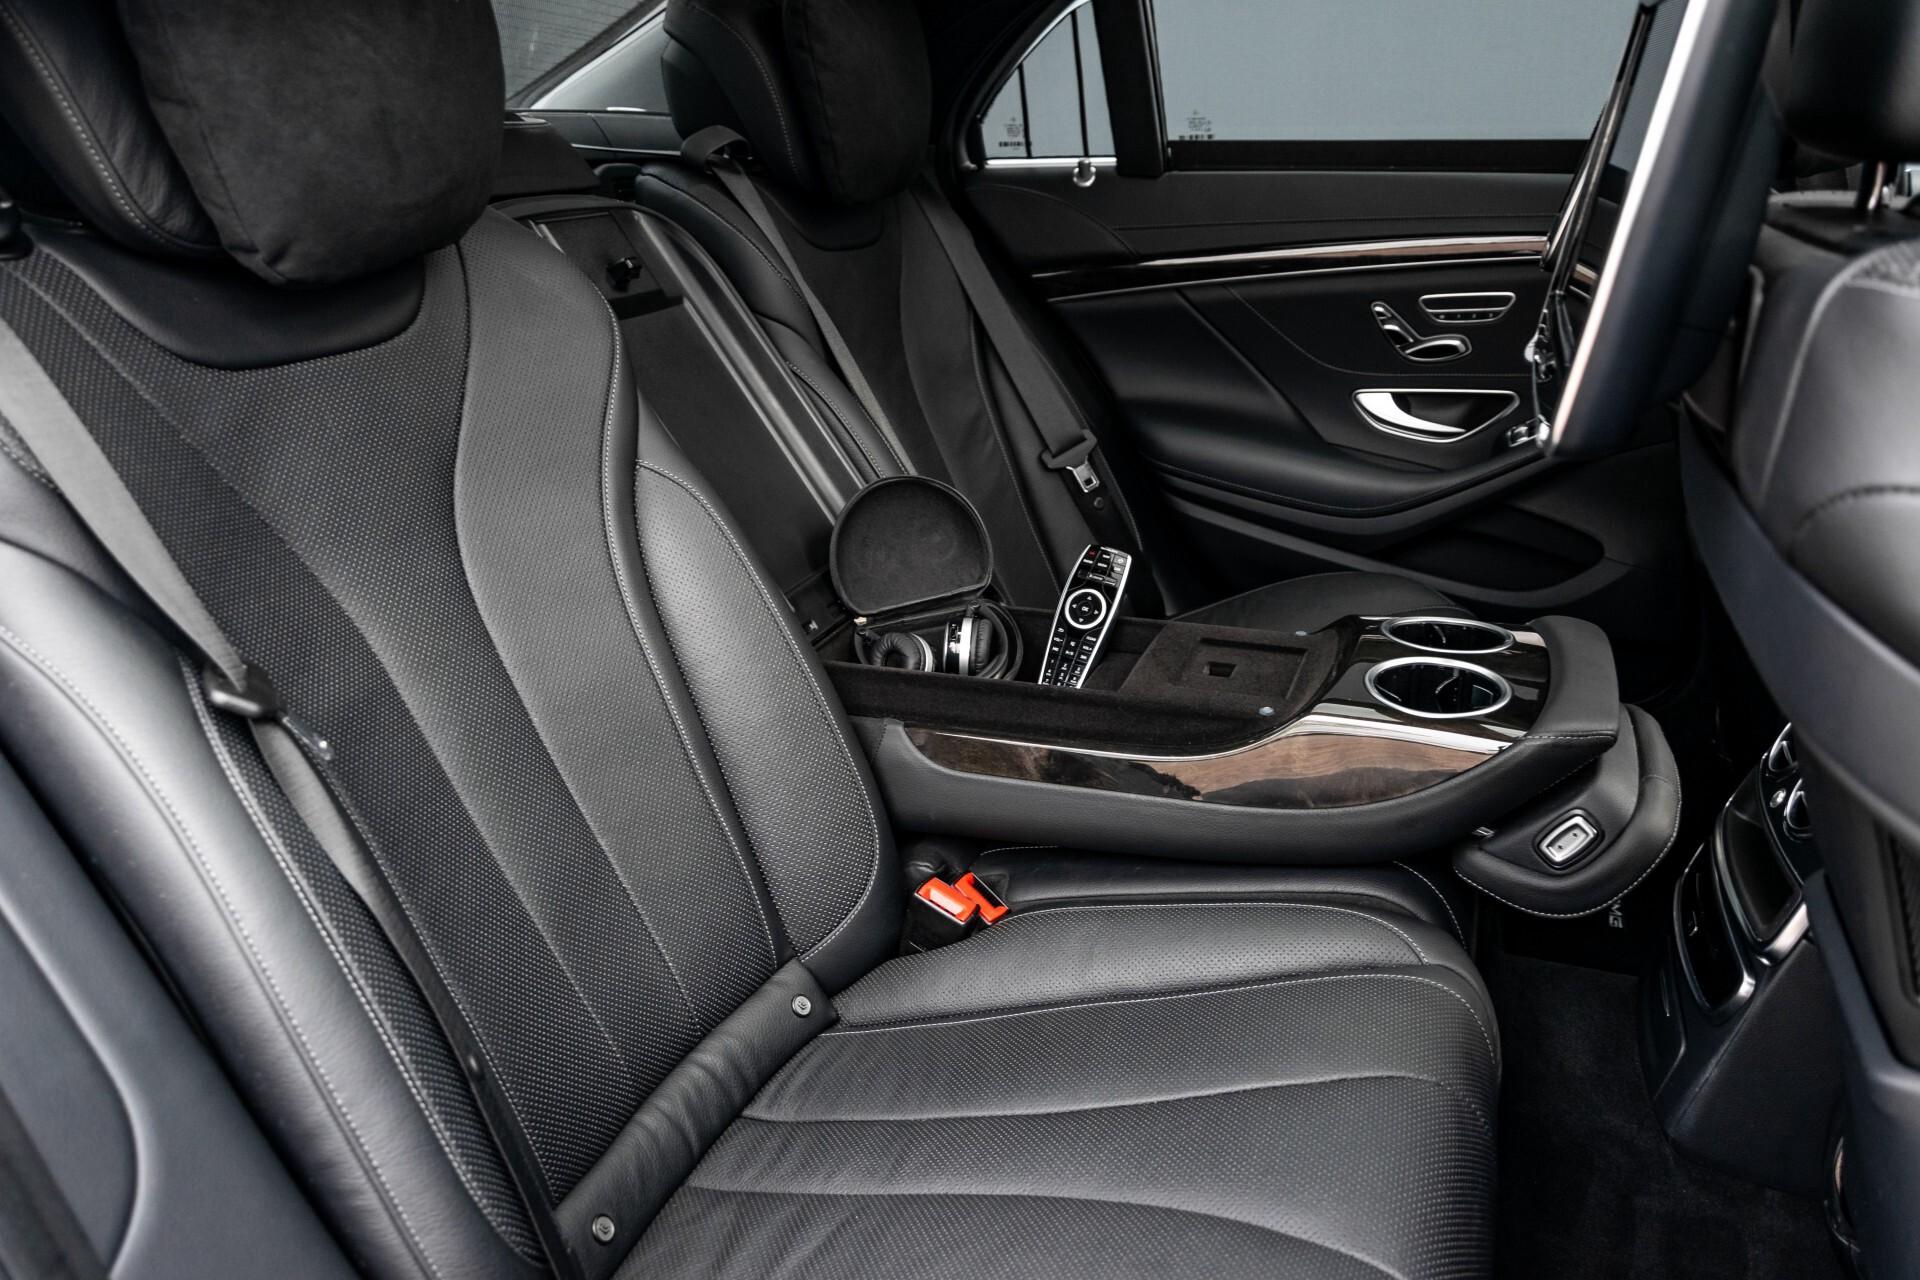 Mercedes-Benz S-Klasse 400 Hybrid AMG Entertainment/Rij-assistentie/Panorama Aut7 Foto 5